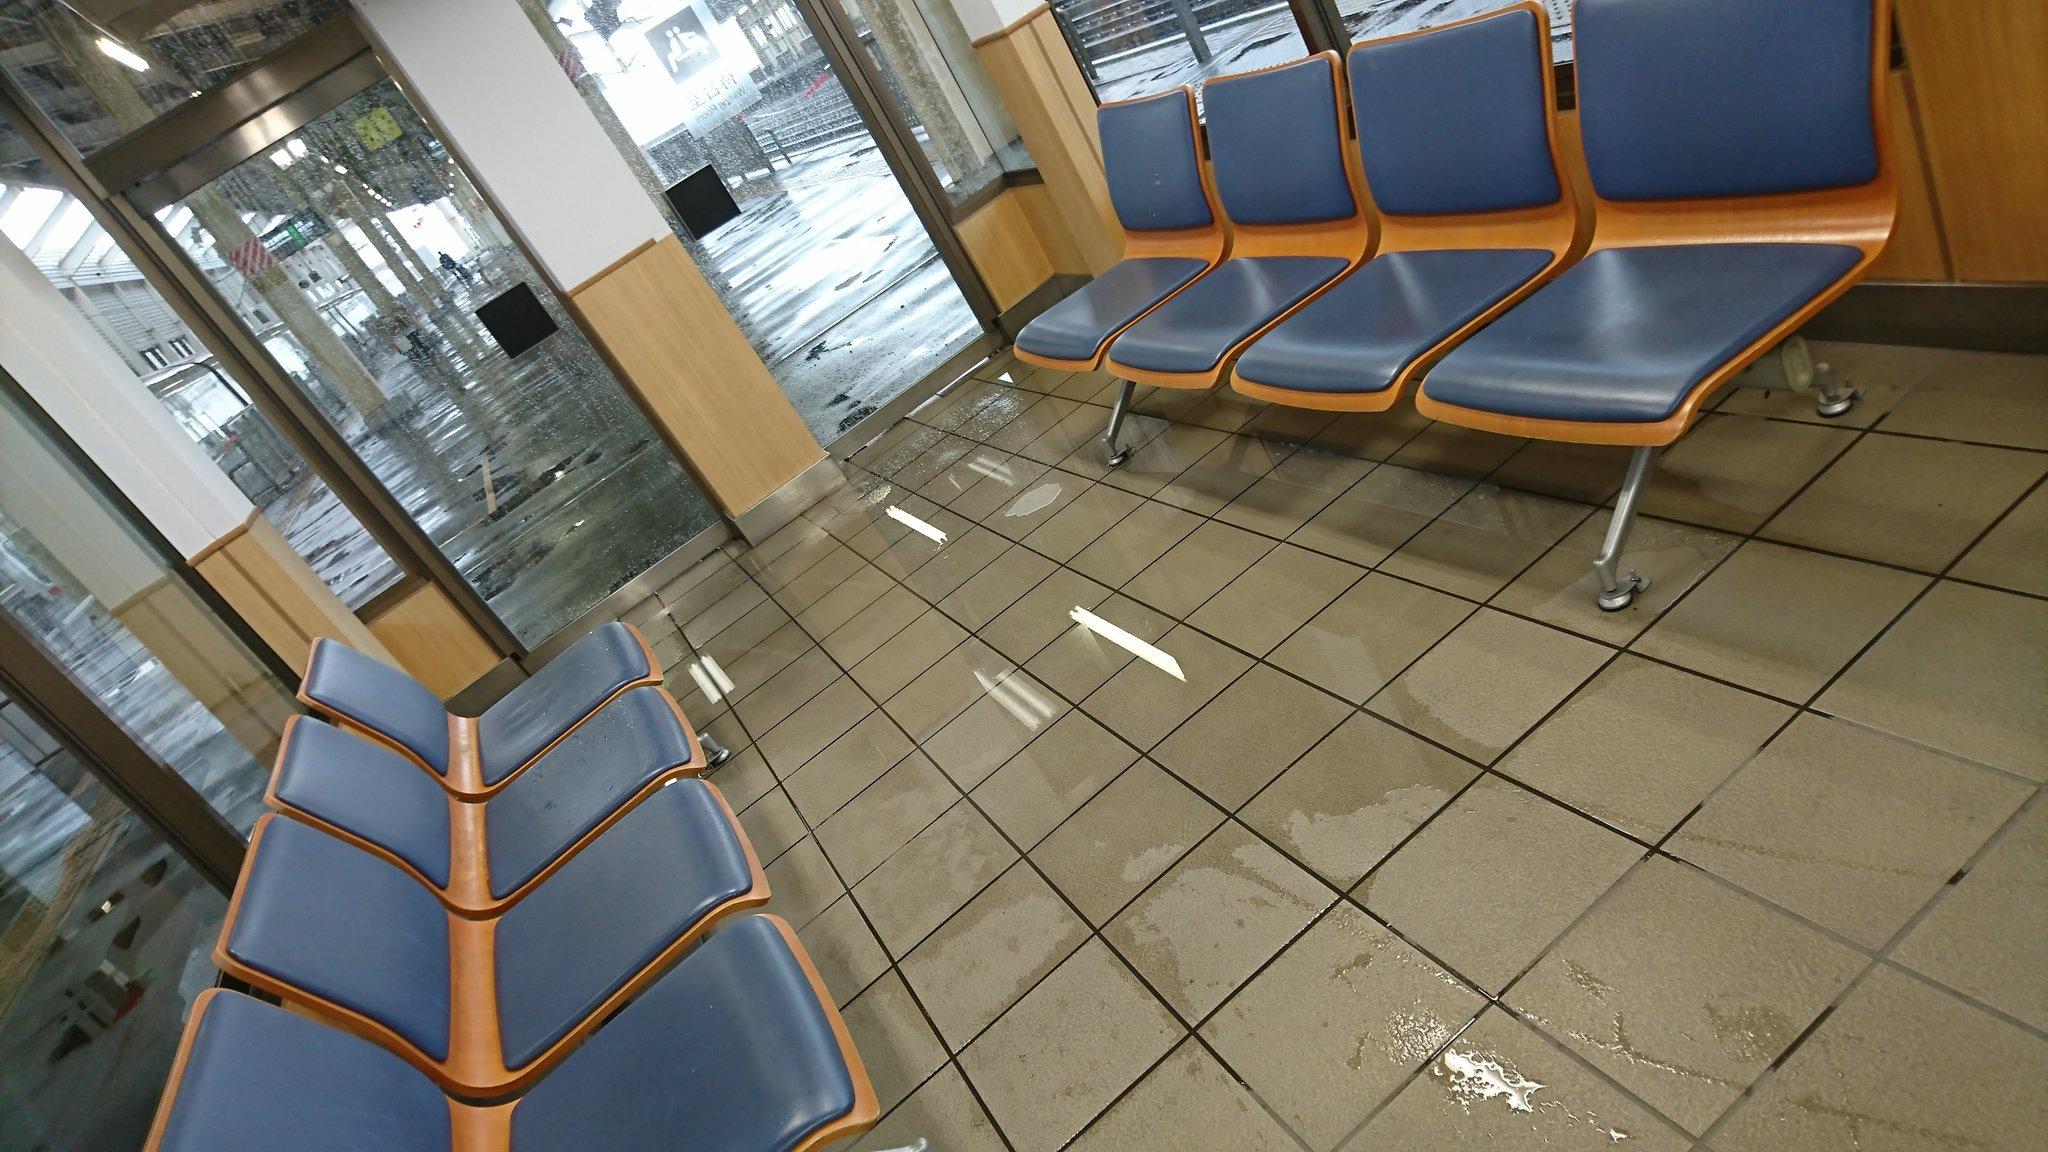 画像,おそおつです。アイアールジャパンはだいぶ戻してくれました…狼狽売りしそうに。しかしハイアスは一度崩れると本当戻らないですね…(´Д`)関係ないですが郡山駅大豪雨…